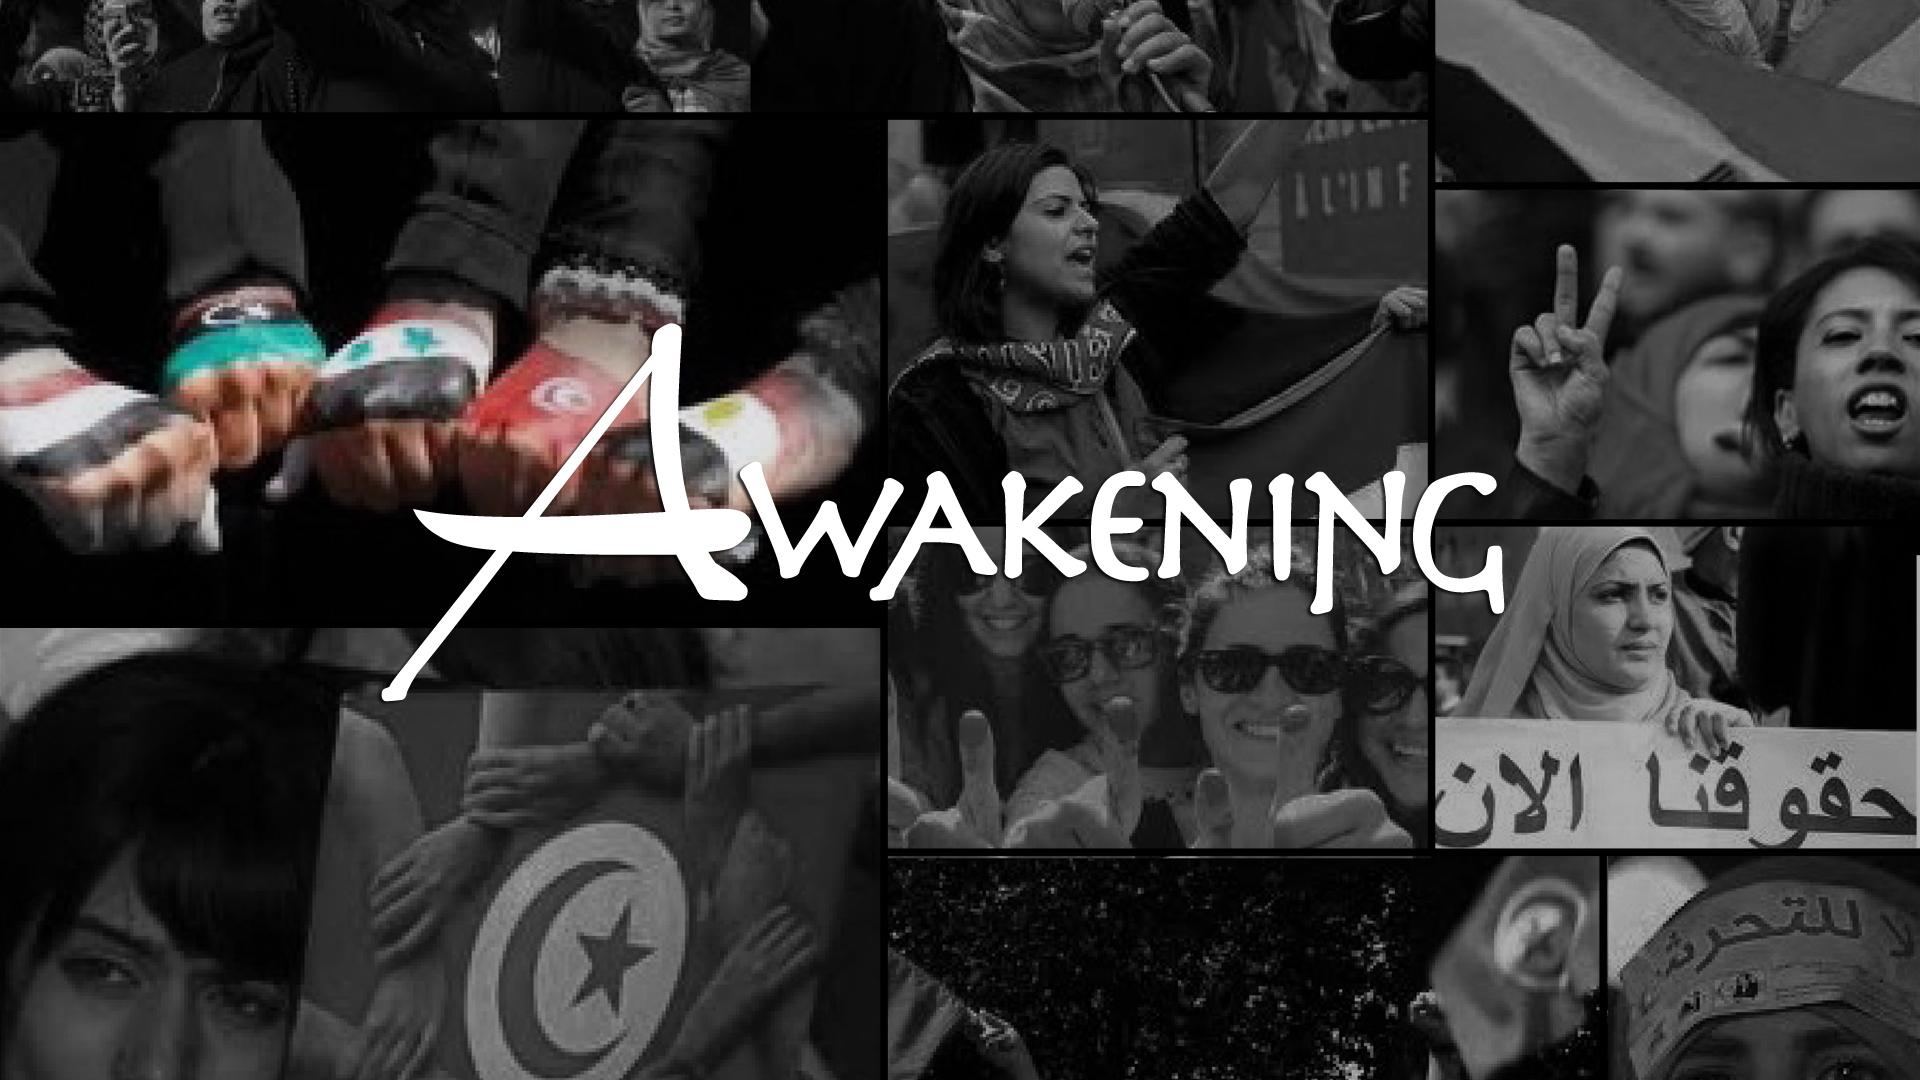 wg7_awakening_logoOpt4_COLLAGE_04092013_0.jpg